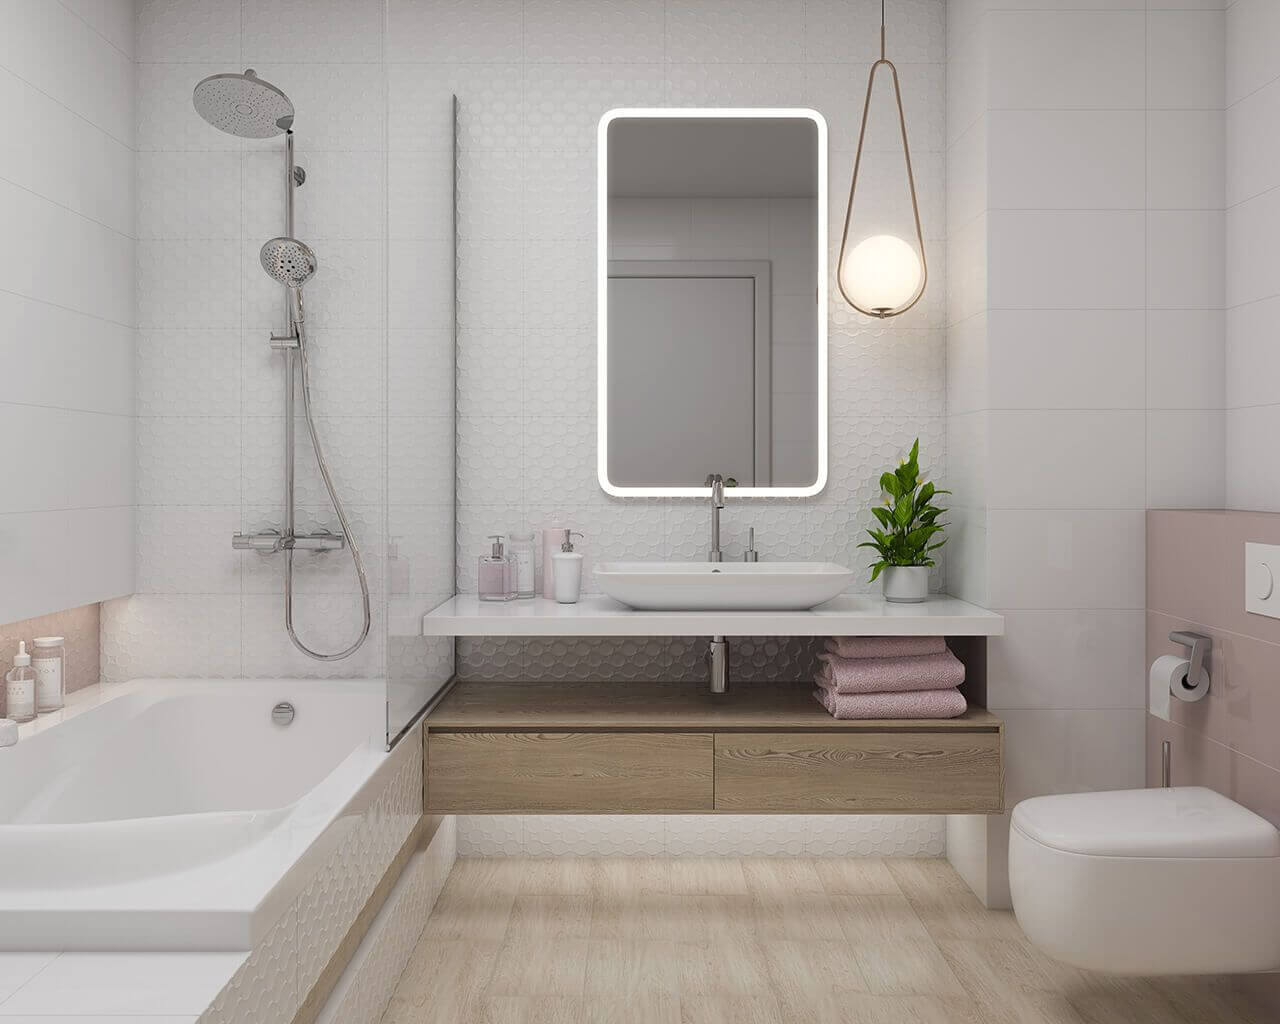 Тепло-ярко-ванная комната-договоренность-Мартиника